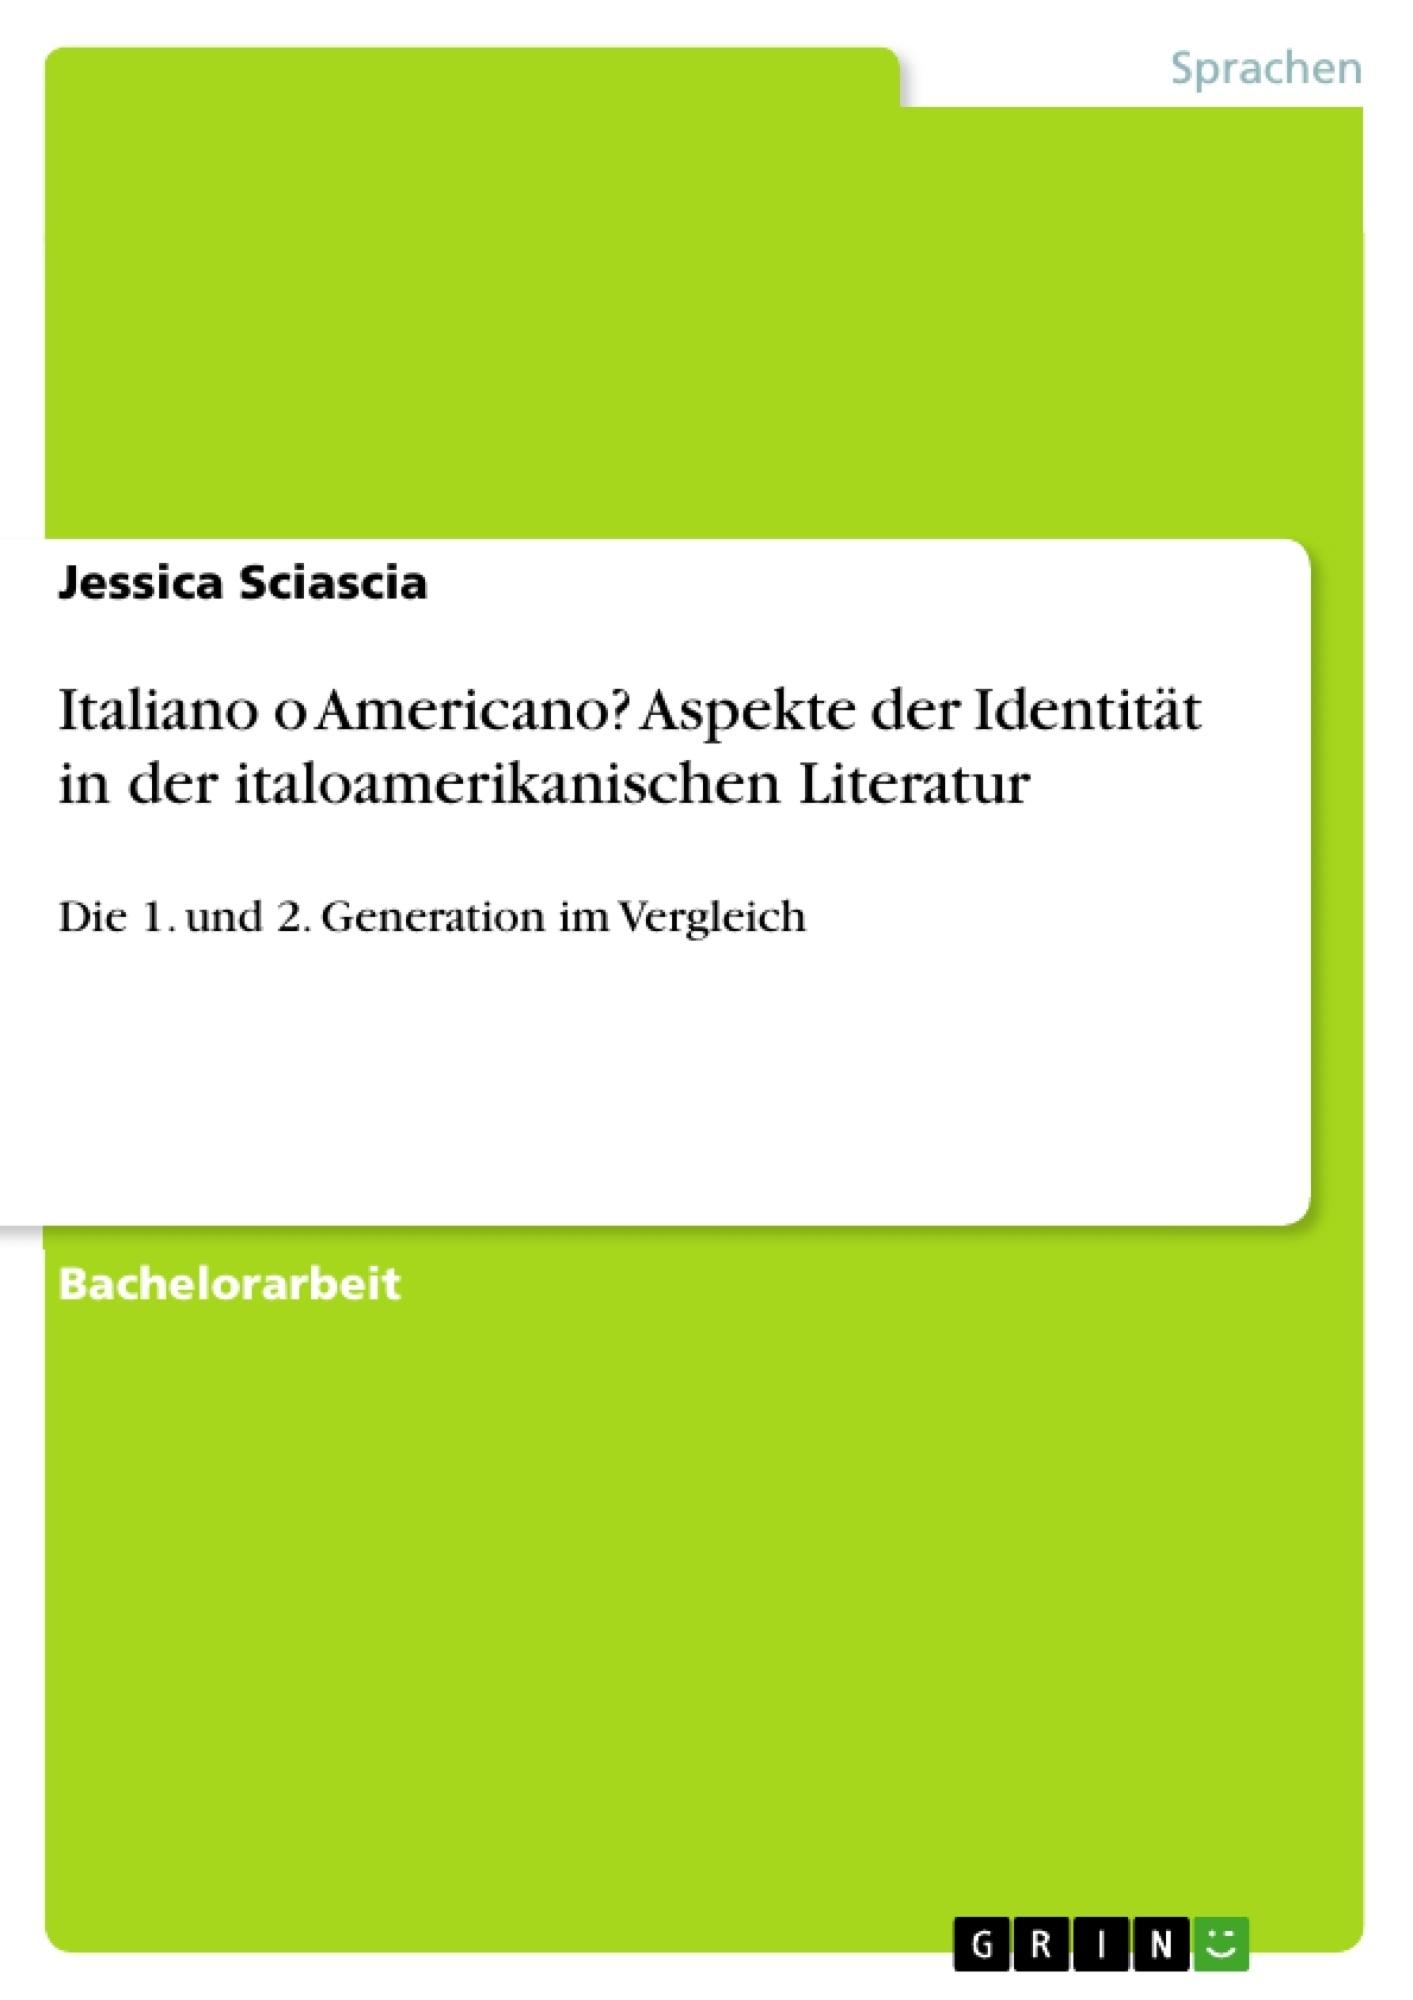 Titel: Italiano o Americano? Aspekte der Identität in der italoamerikanischen Literatur